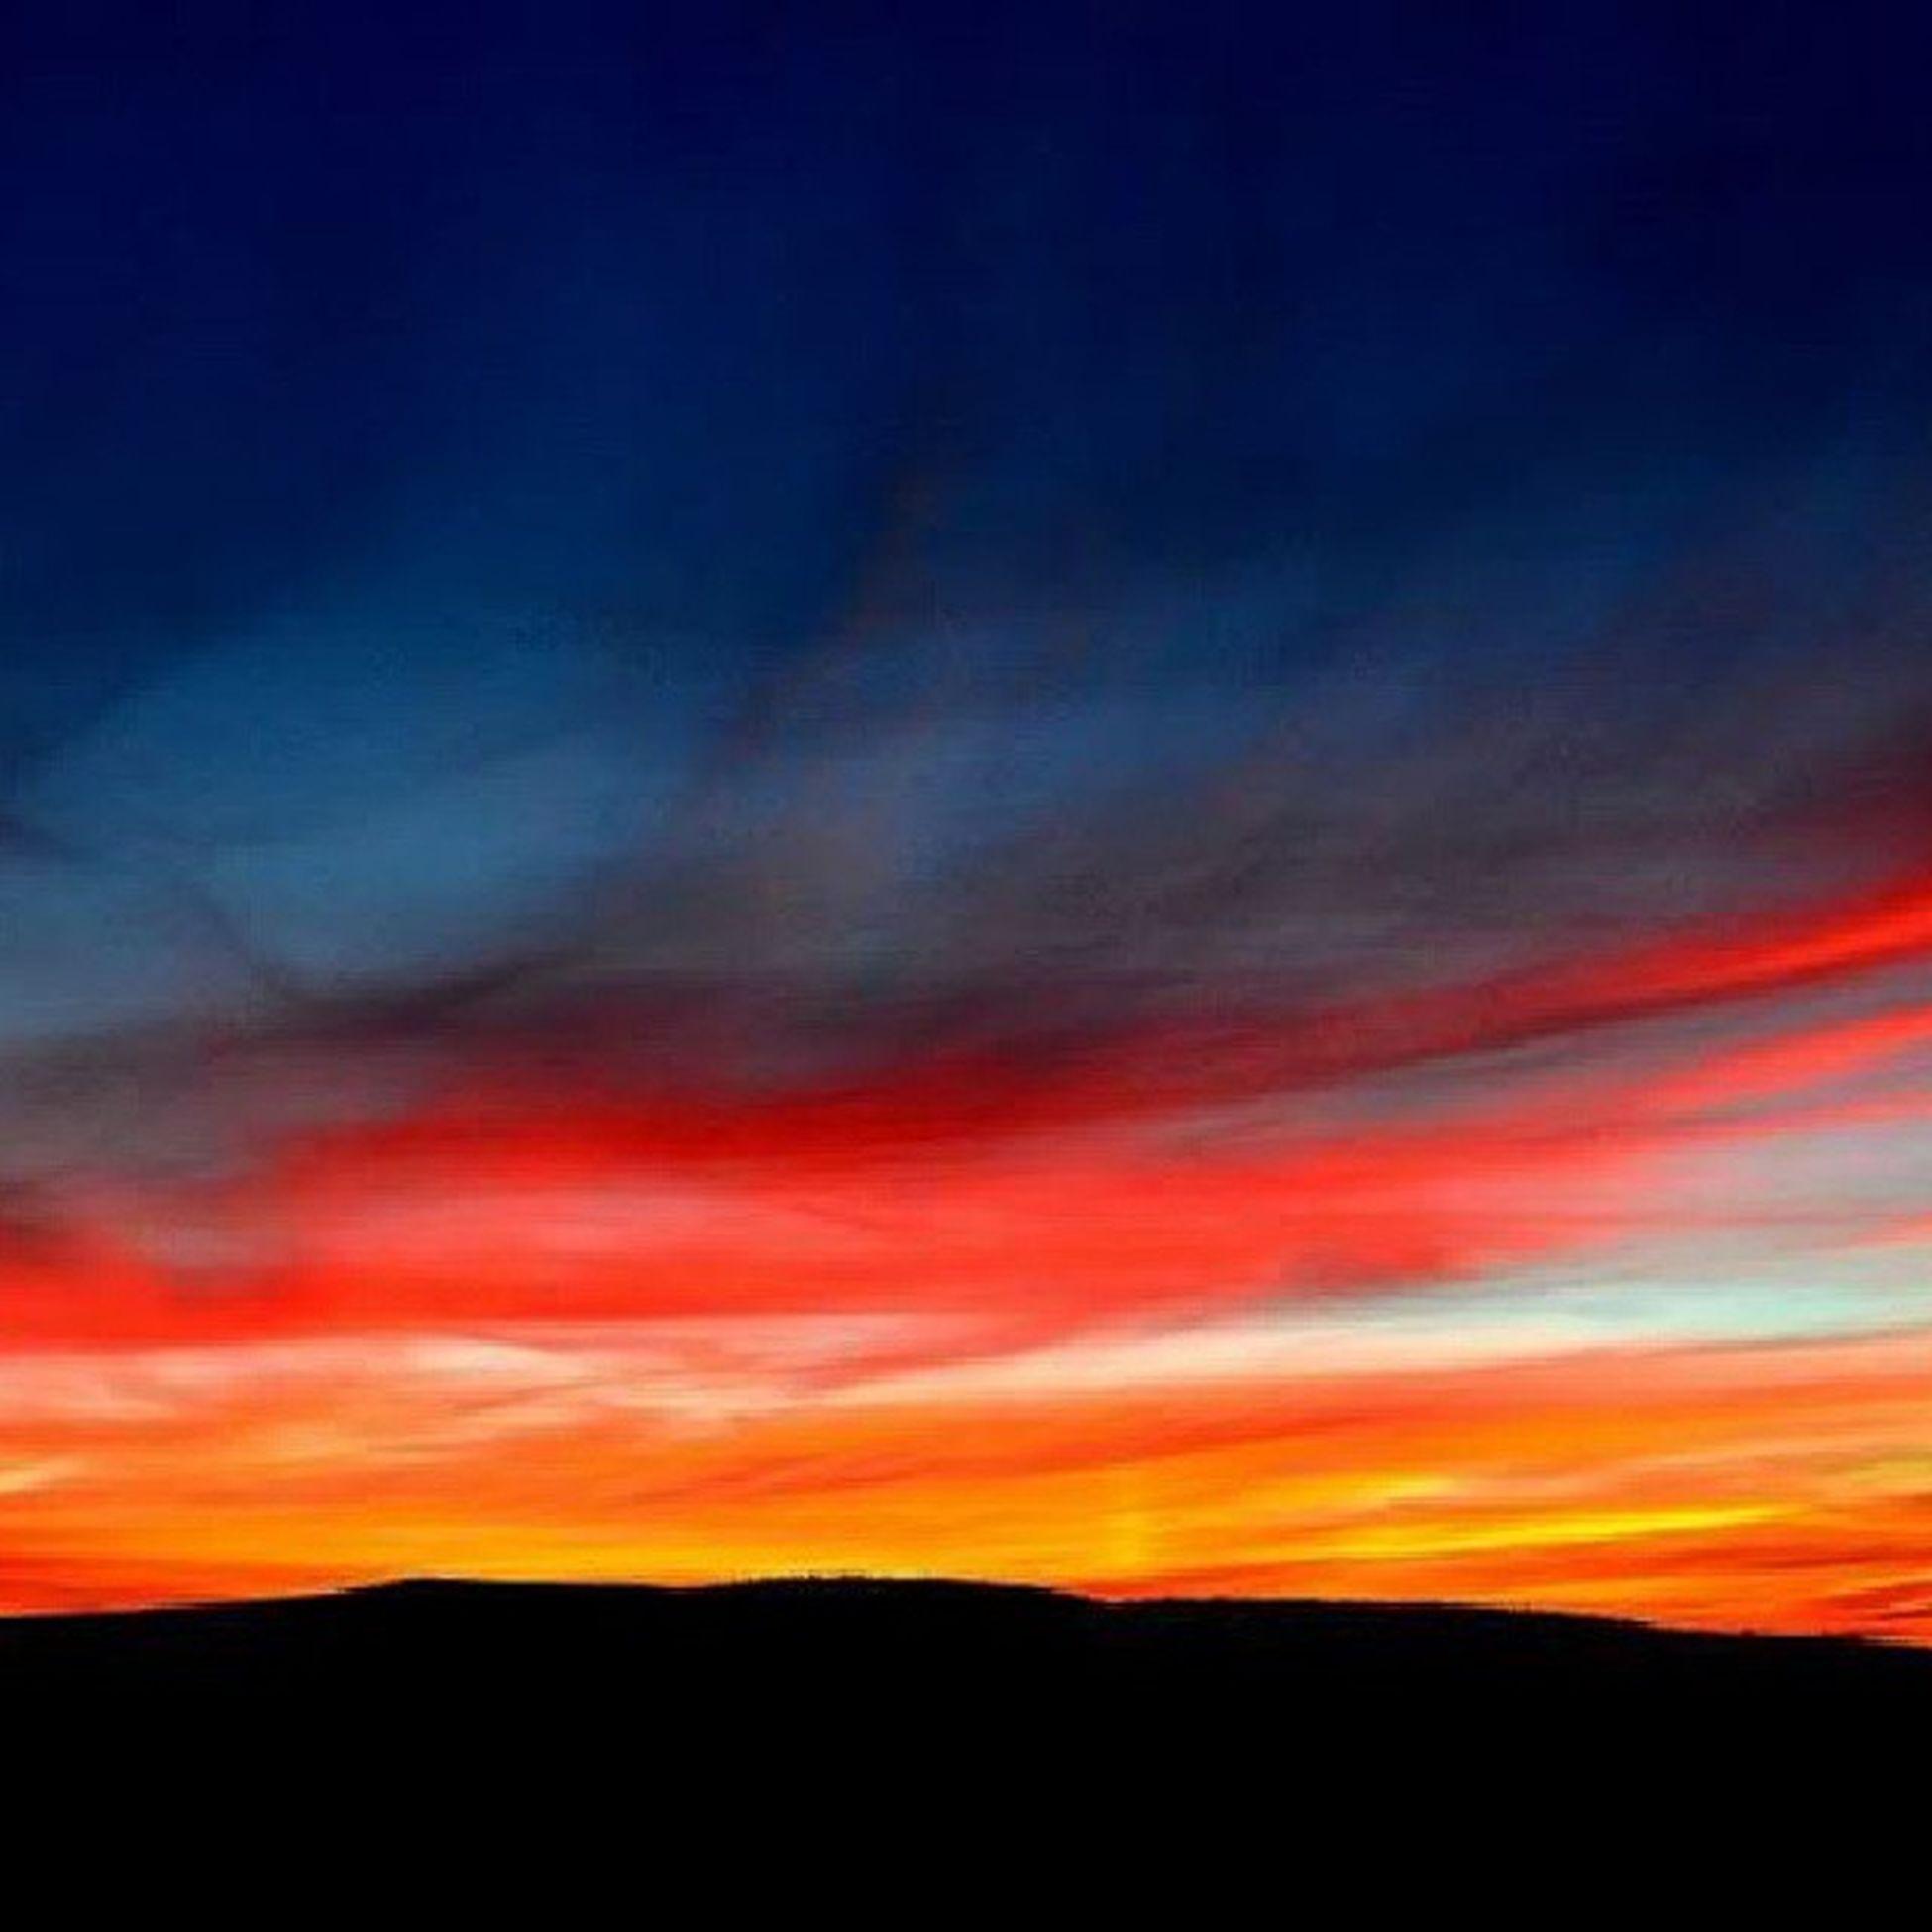 I am back :) Sunset RibeiraSacra Galicia SPAIN